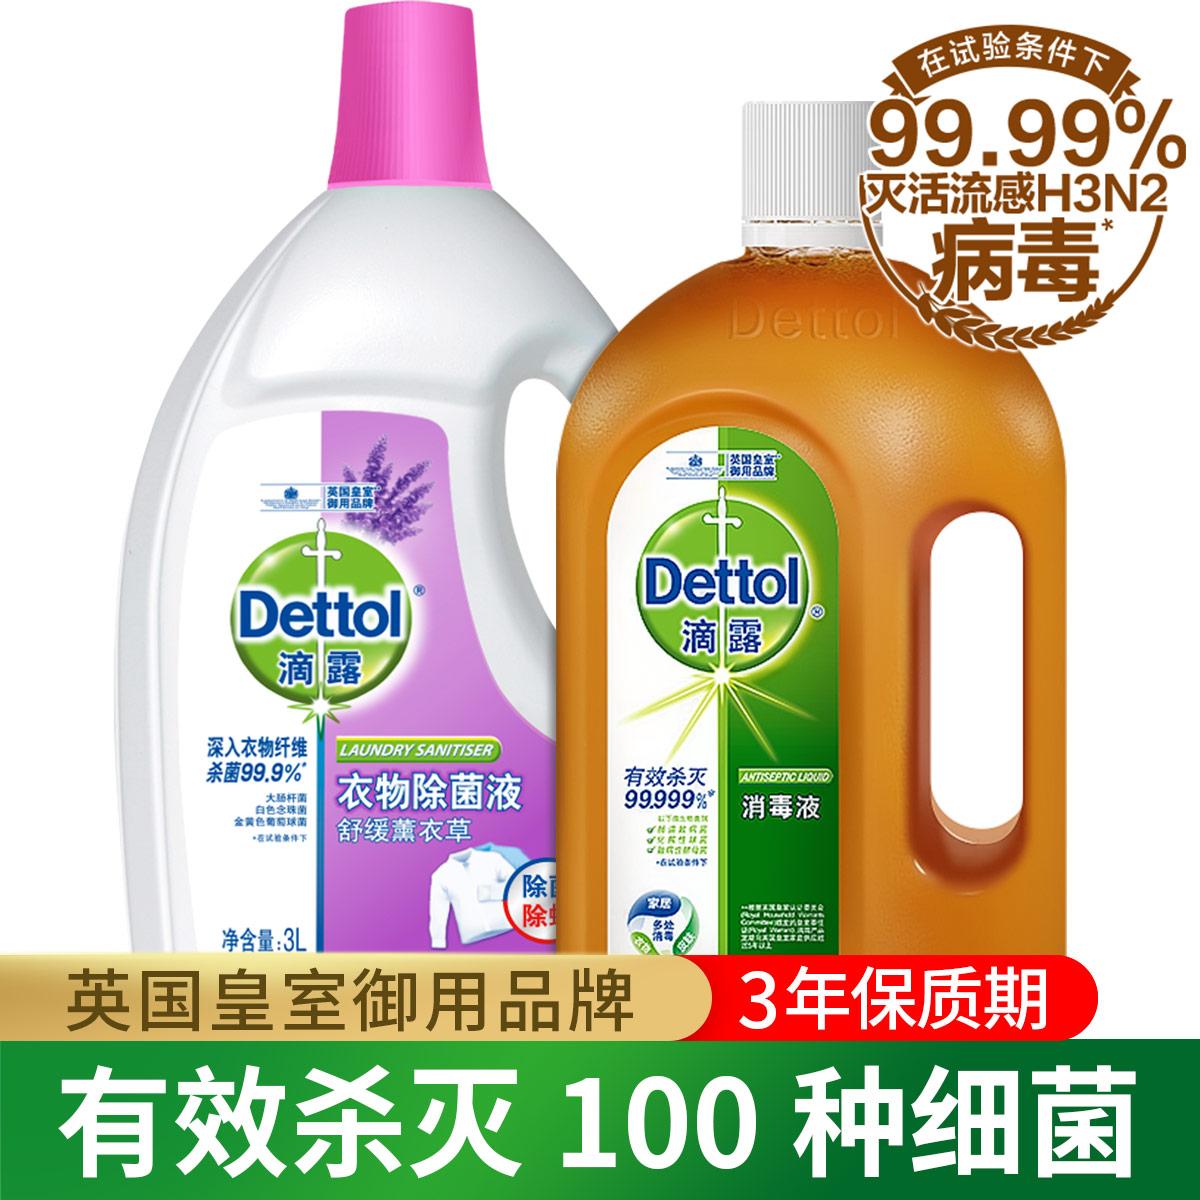 Dettol 【杀菌99.999%】滴露衣物除菌液3L+消毒液1.2L有效杀菌100种